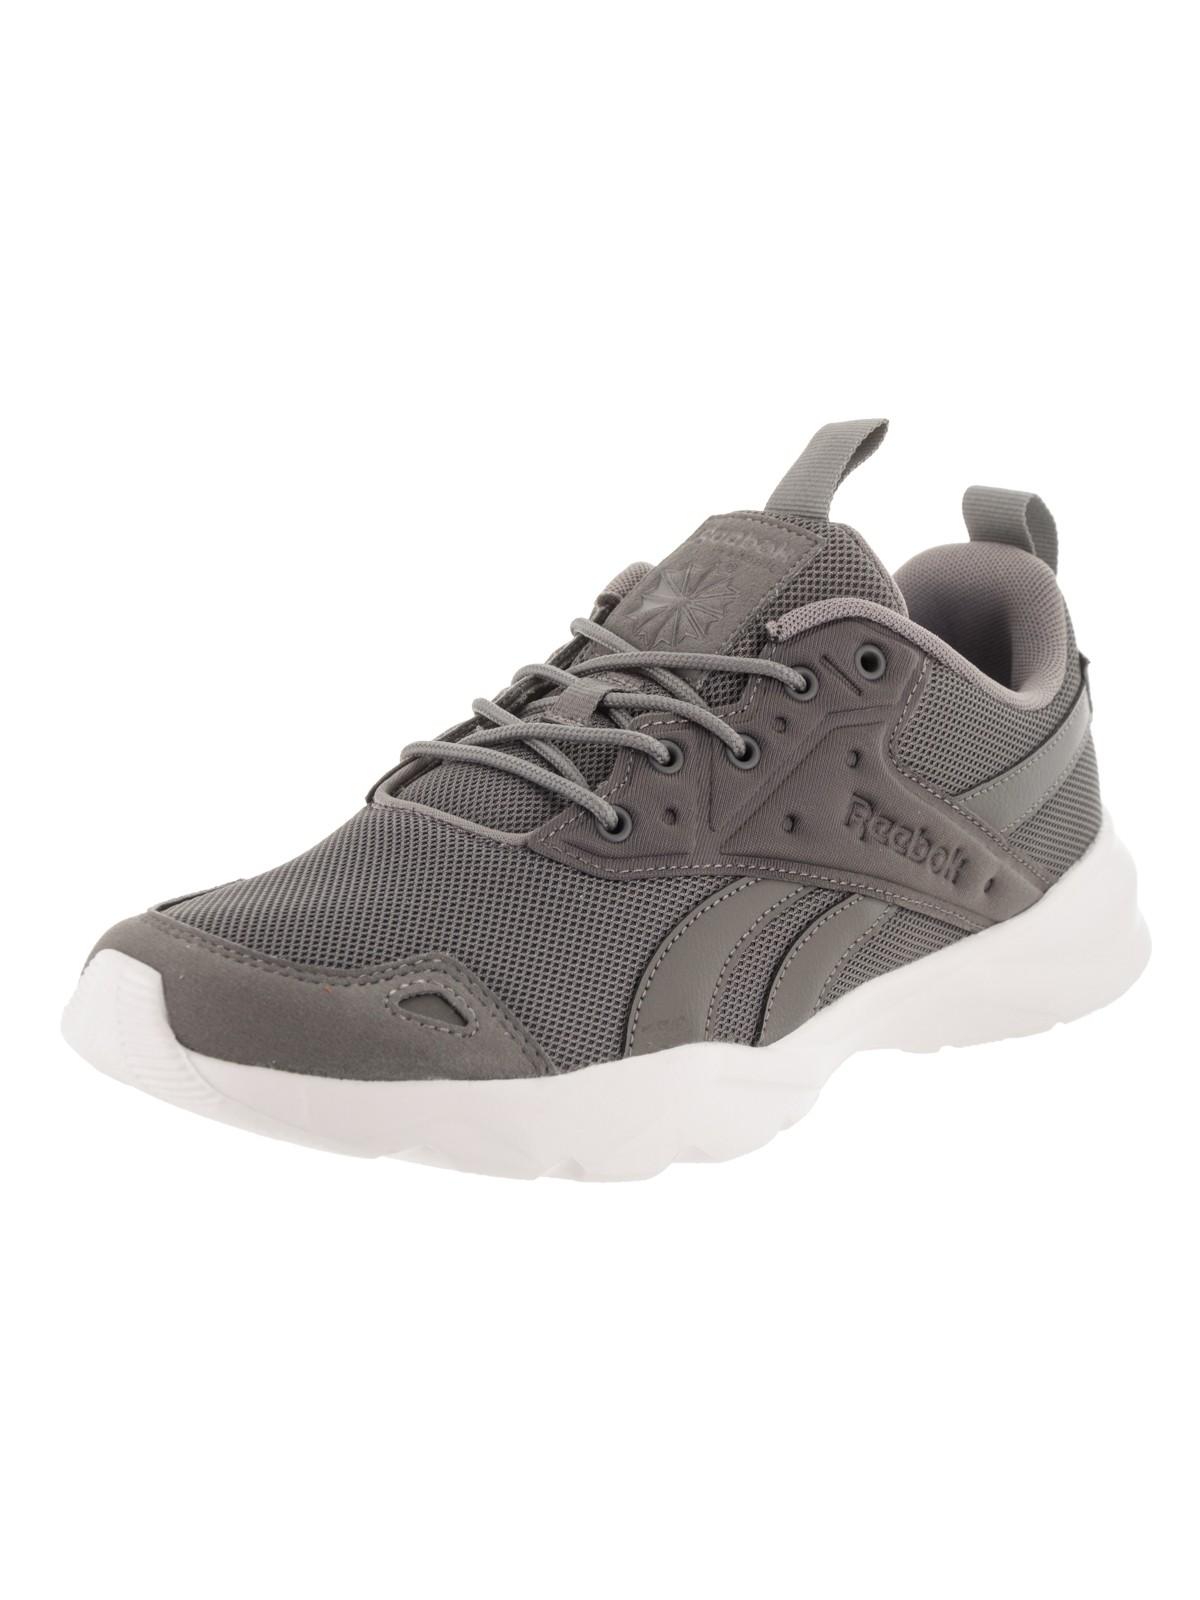 Reebok Men's Blaze Lifestyle Shoe